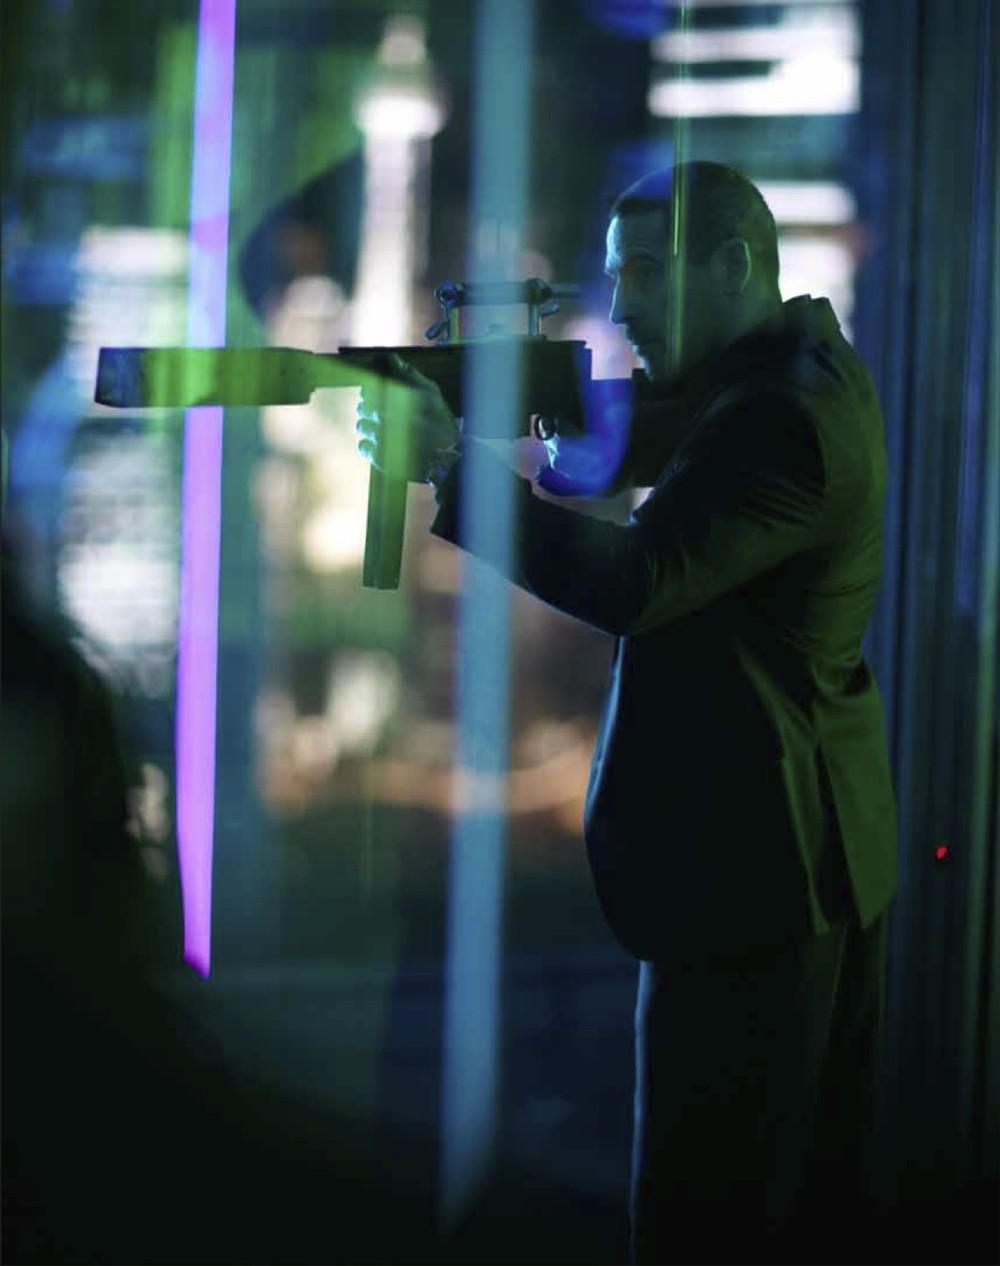 со съемок 007 Координаты Скайфолл